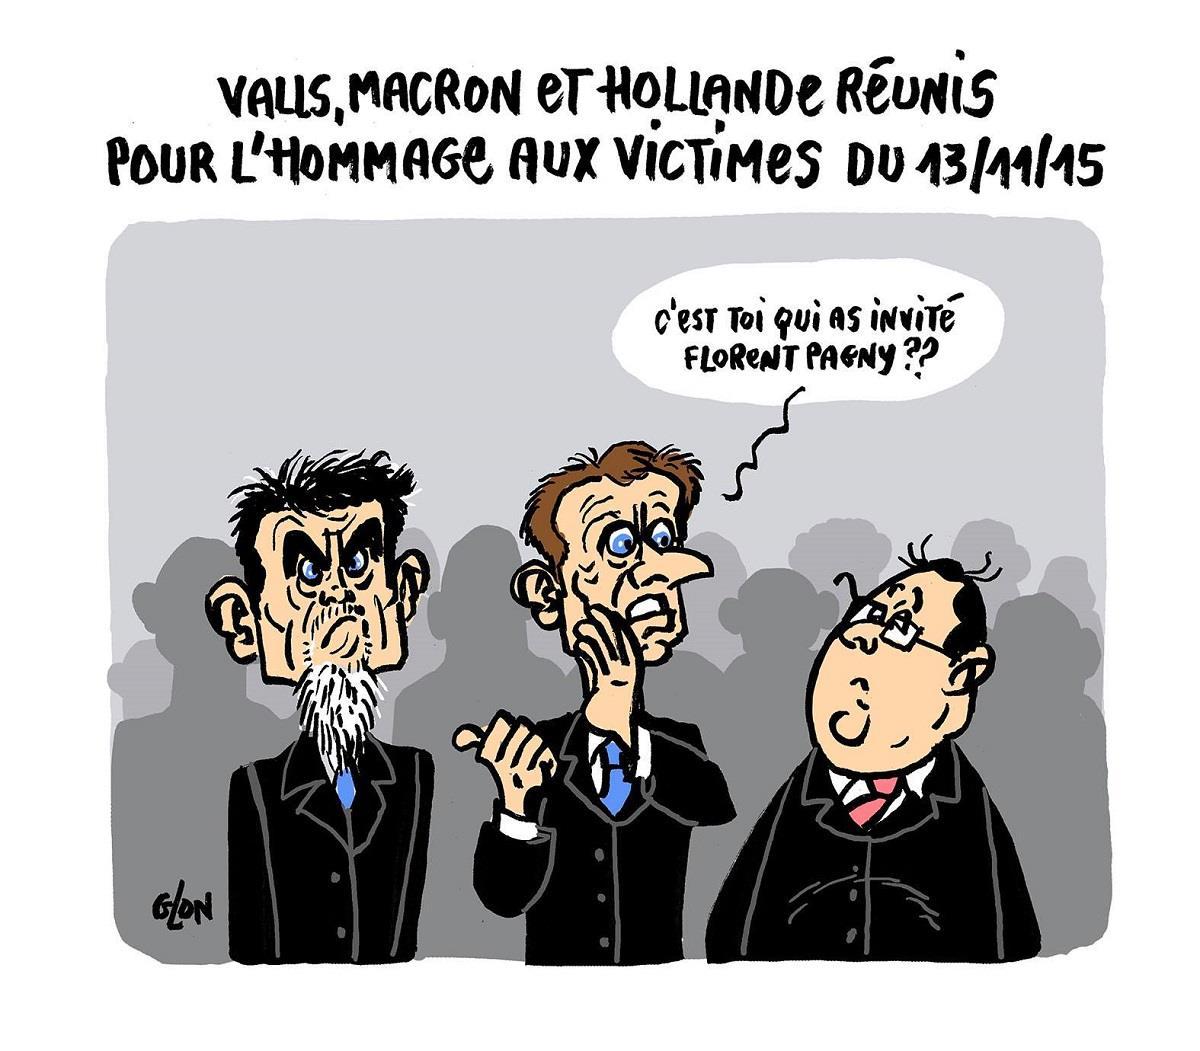 dessin humoristique de François Hollande, Manuel Valls et Emmanuel Macron rassemblés pour l'hommage aux victimes du 13 novembre 2015